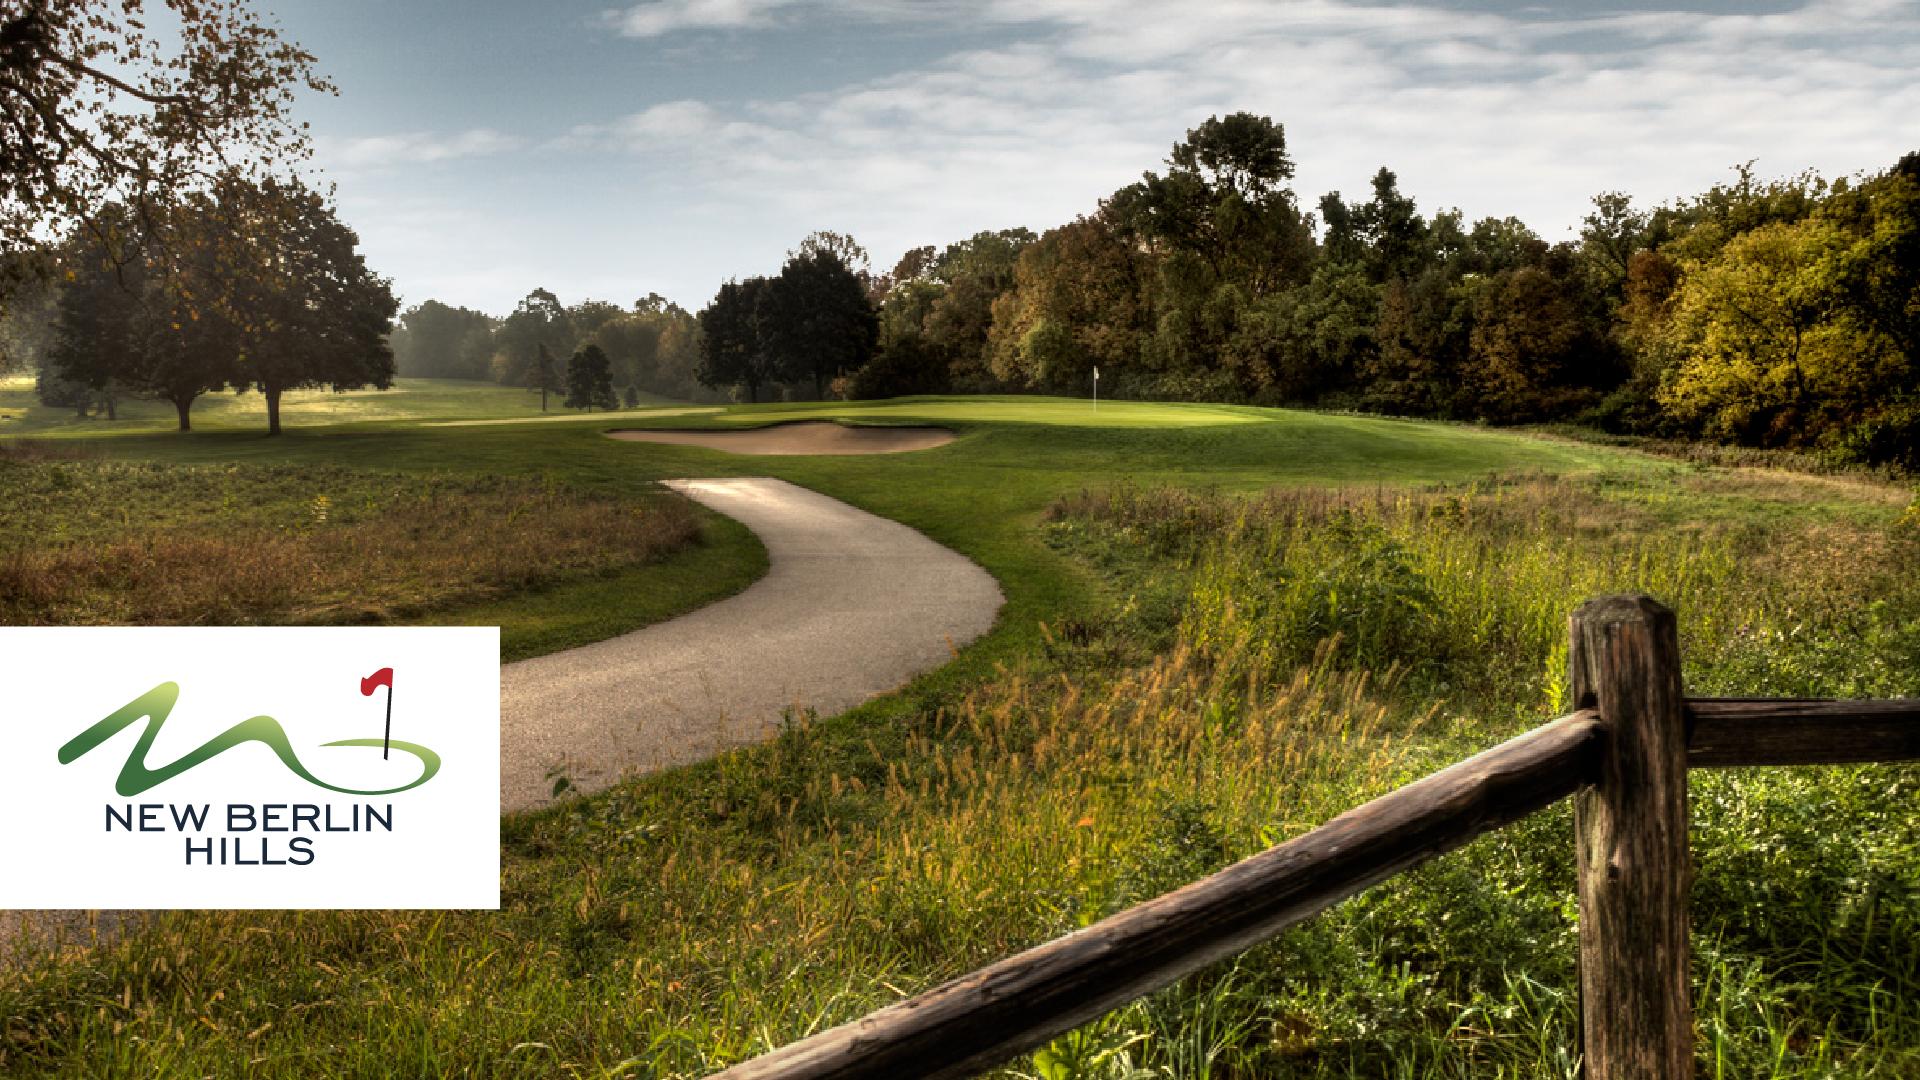 New-Ber-Hills-Golf-Course-Green-Golf-Partners